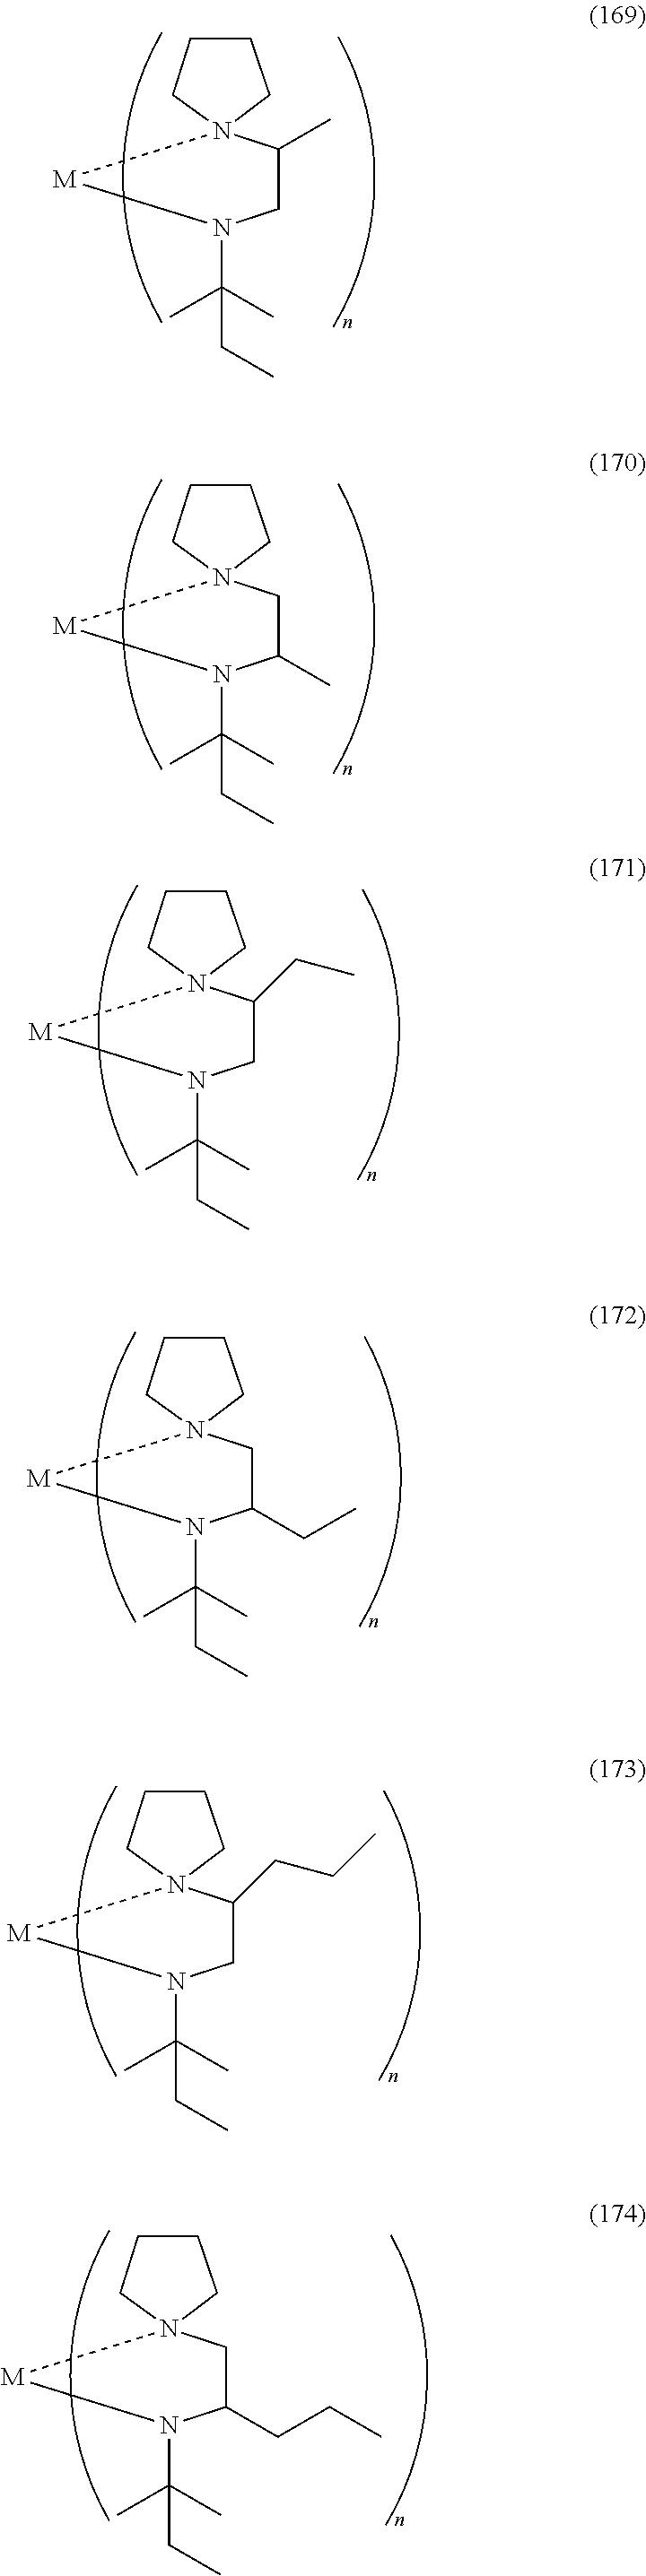 Figure US08871304-20141028-C00038